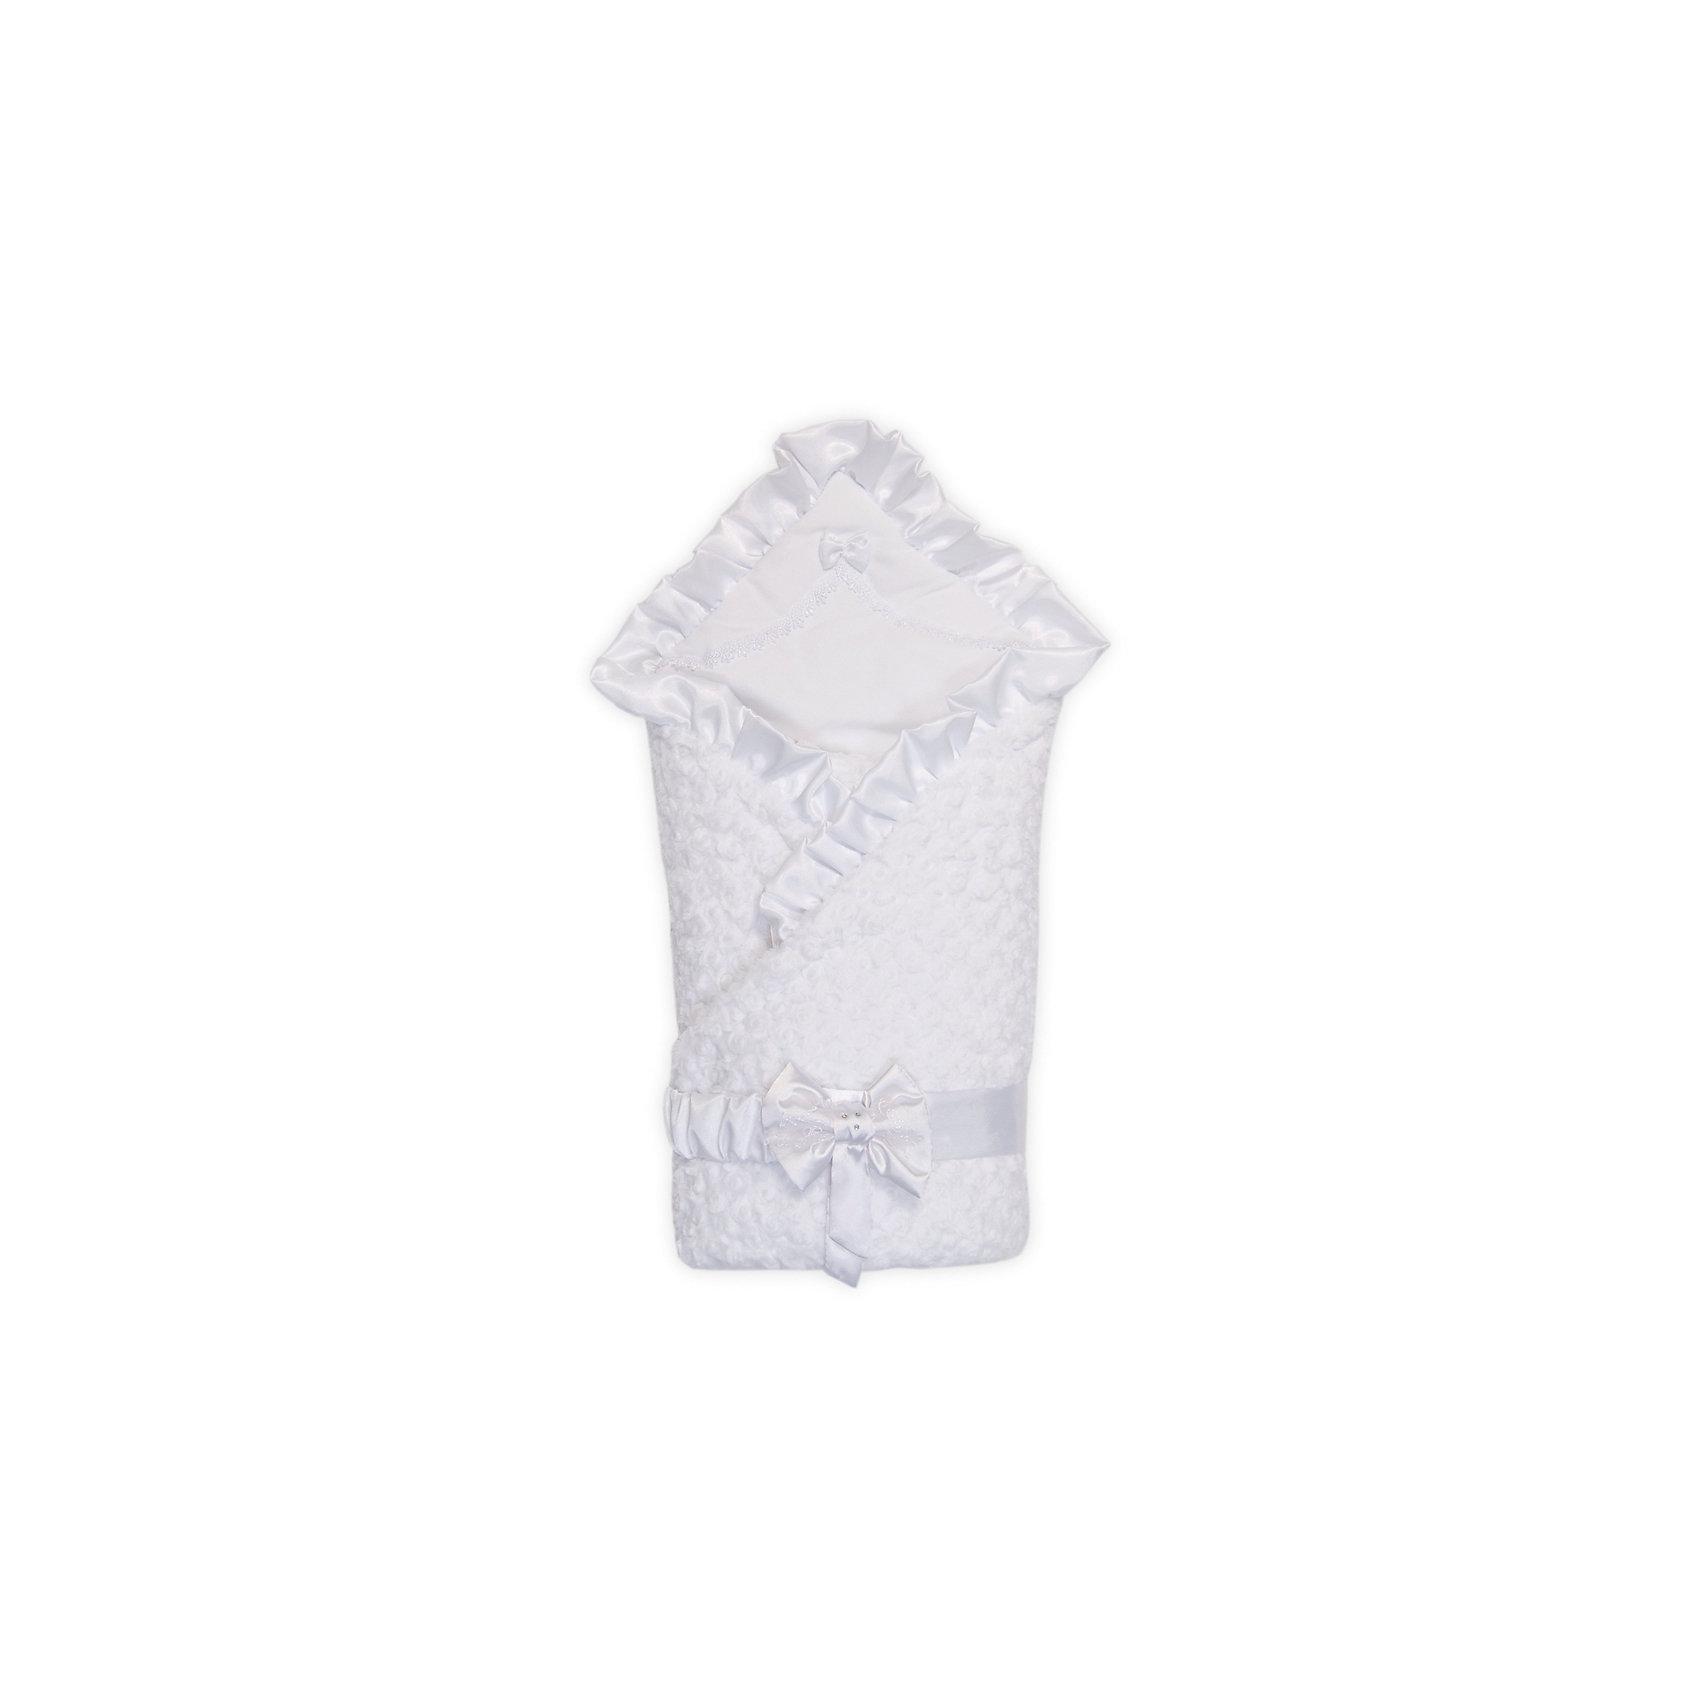 Конверт-одеяло на выписку «Розочки» Сонный гномик